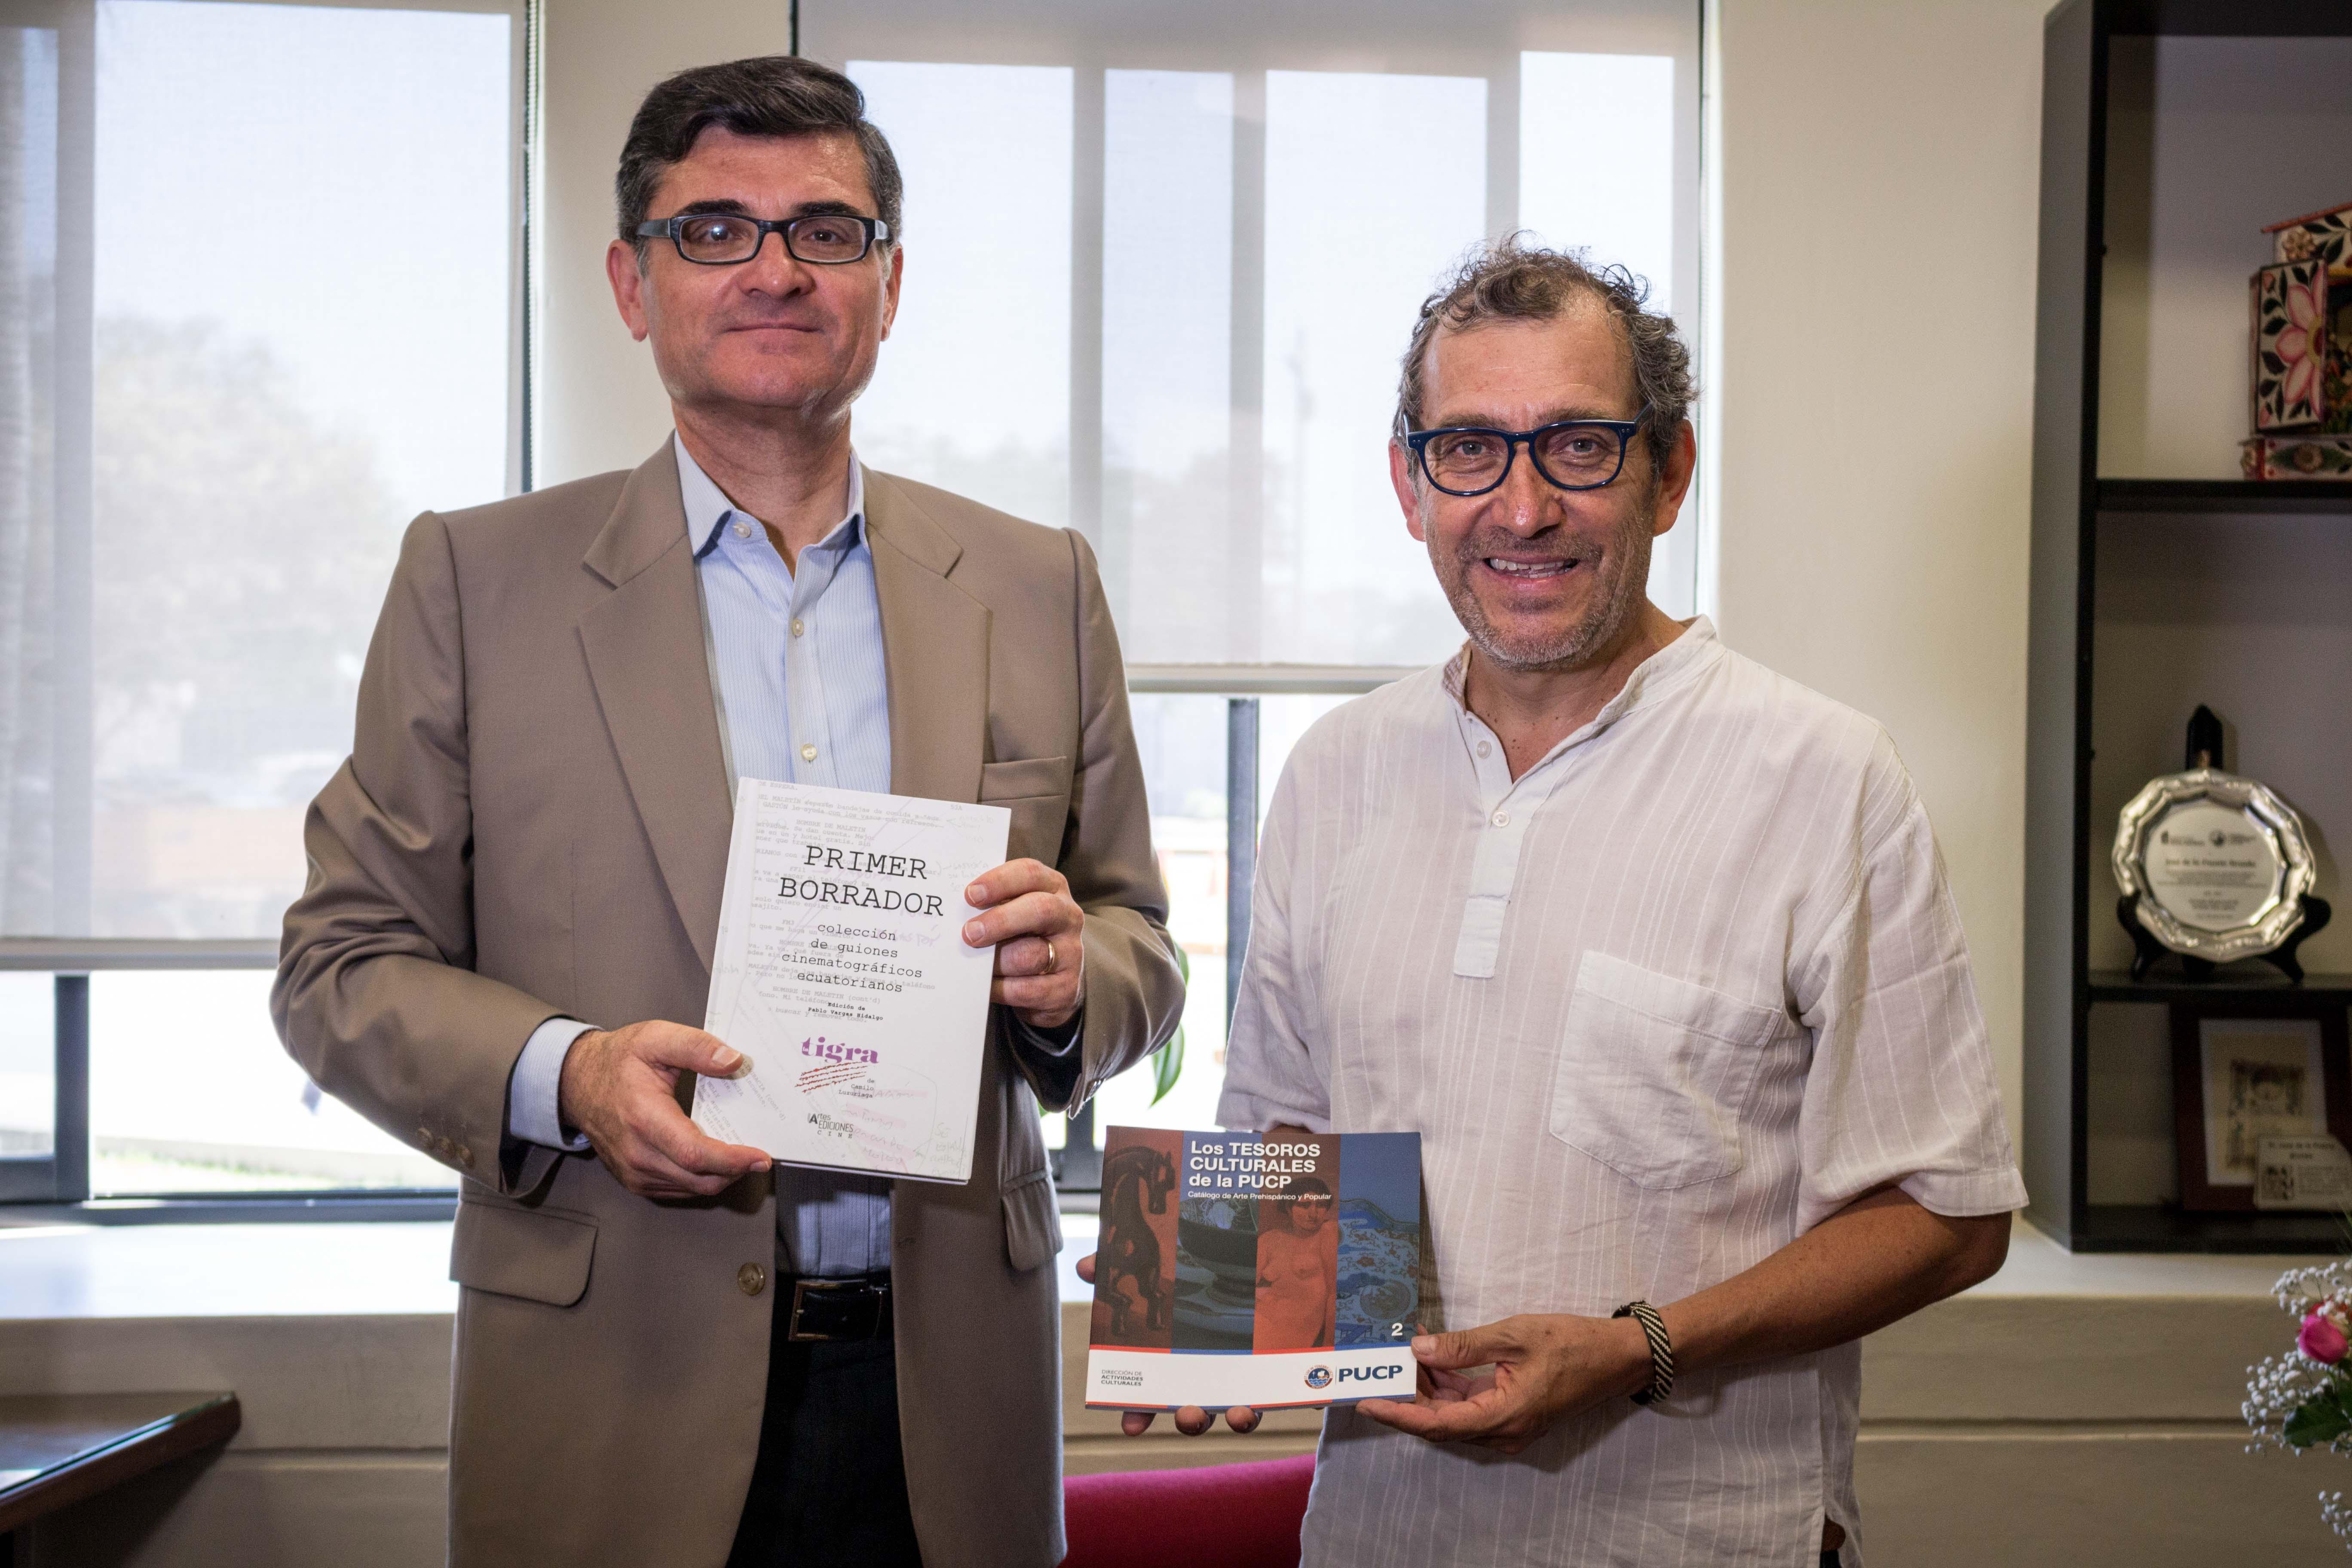 Visita del rector de la Universidad de las Artes (Guayaquil) [fotos]